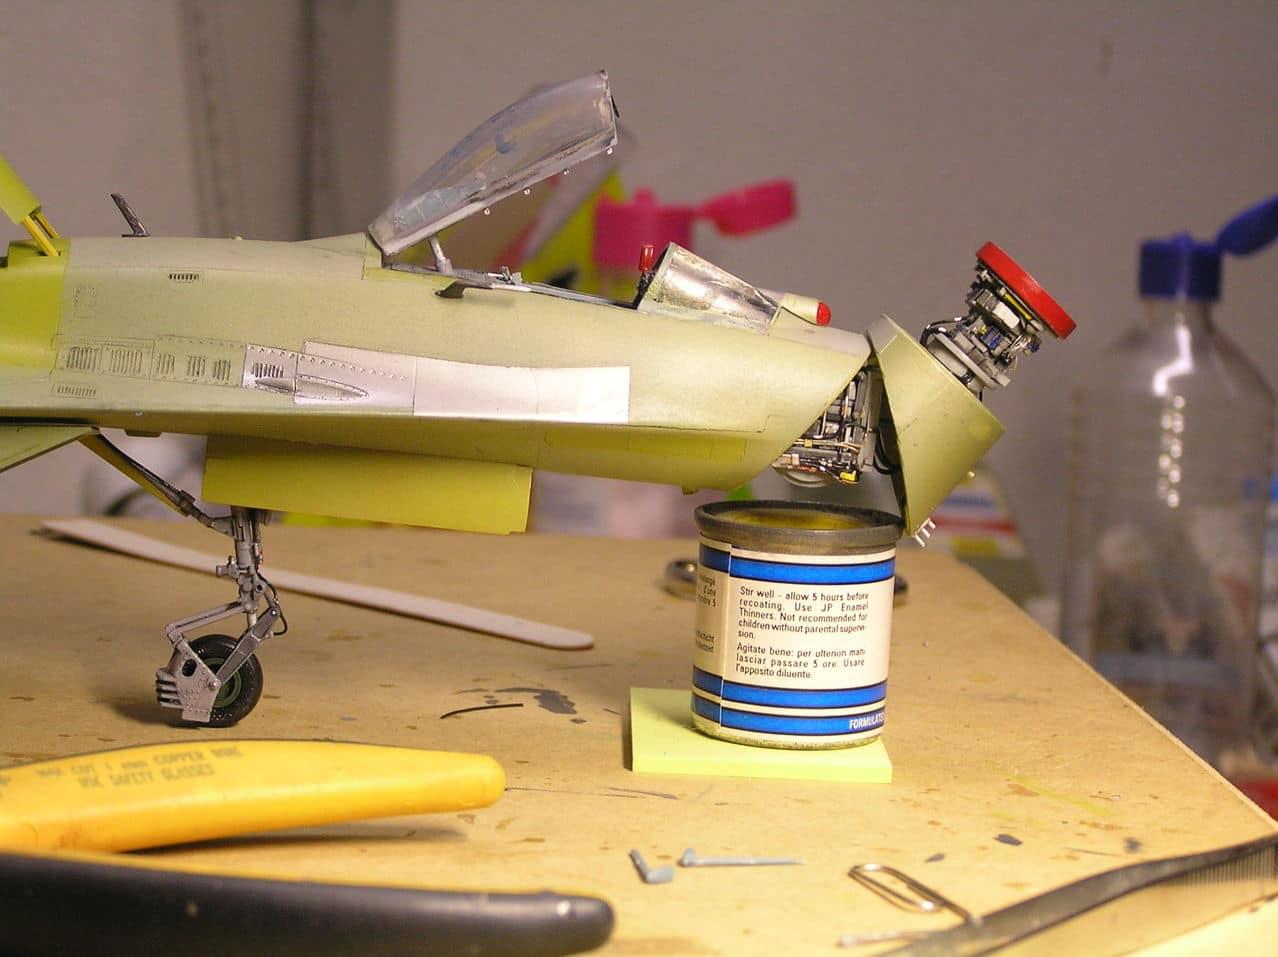 ...καπως ετσι αρχισαν ολα...Su-27  και τα μυαλα στα καγκελα... - Σελίδα 4 P1010198